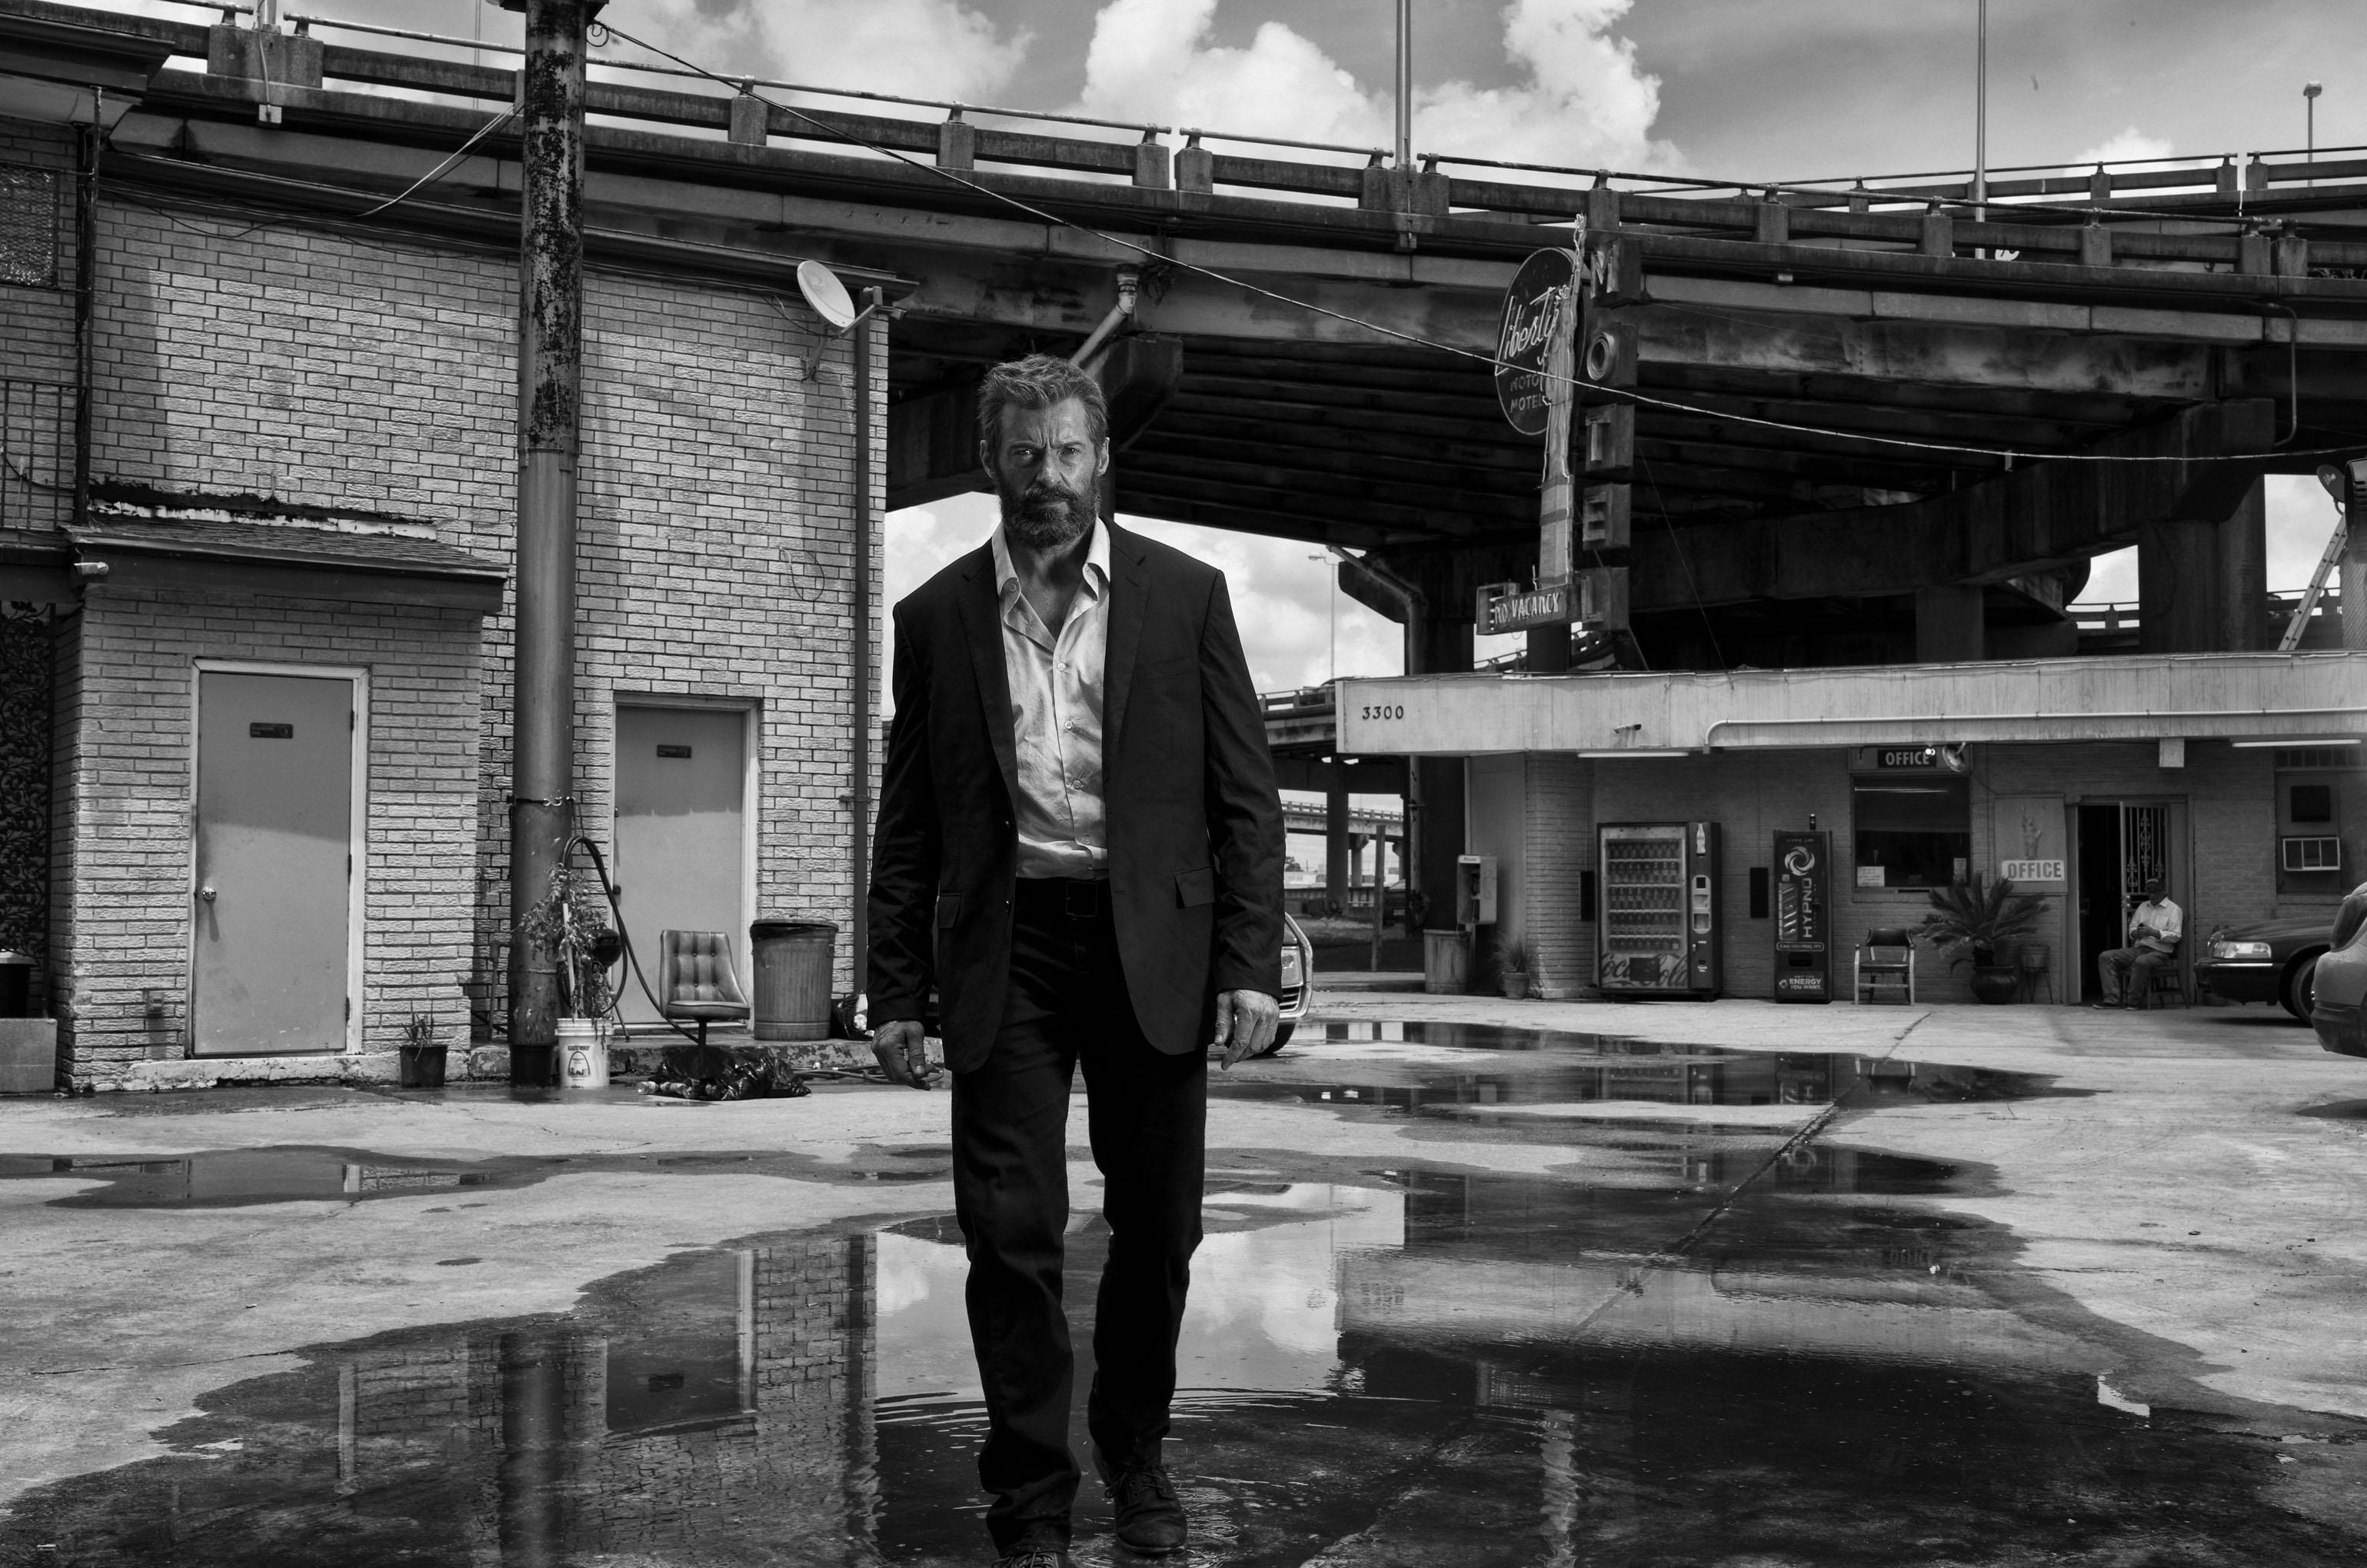 Una ultima mirada de Hugh Jackman como Logan/ Wolverine.